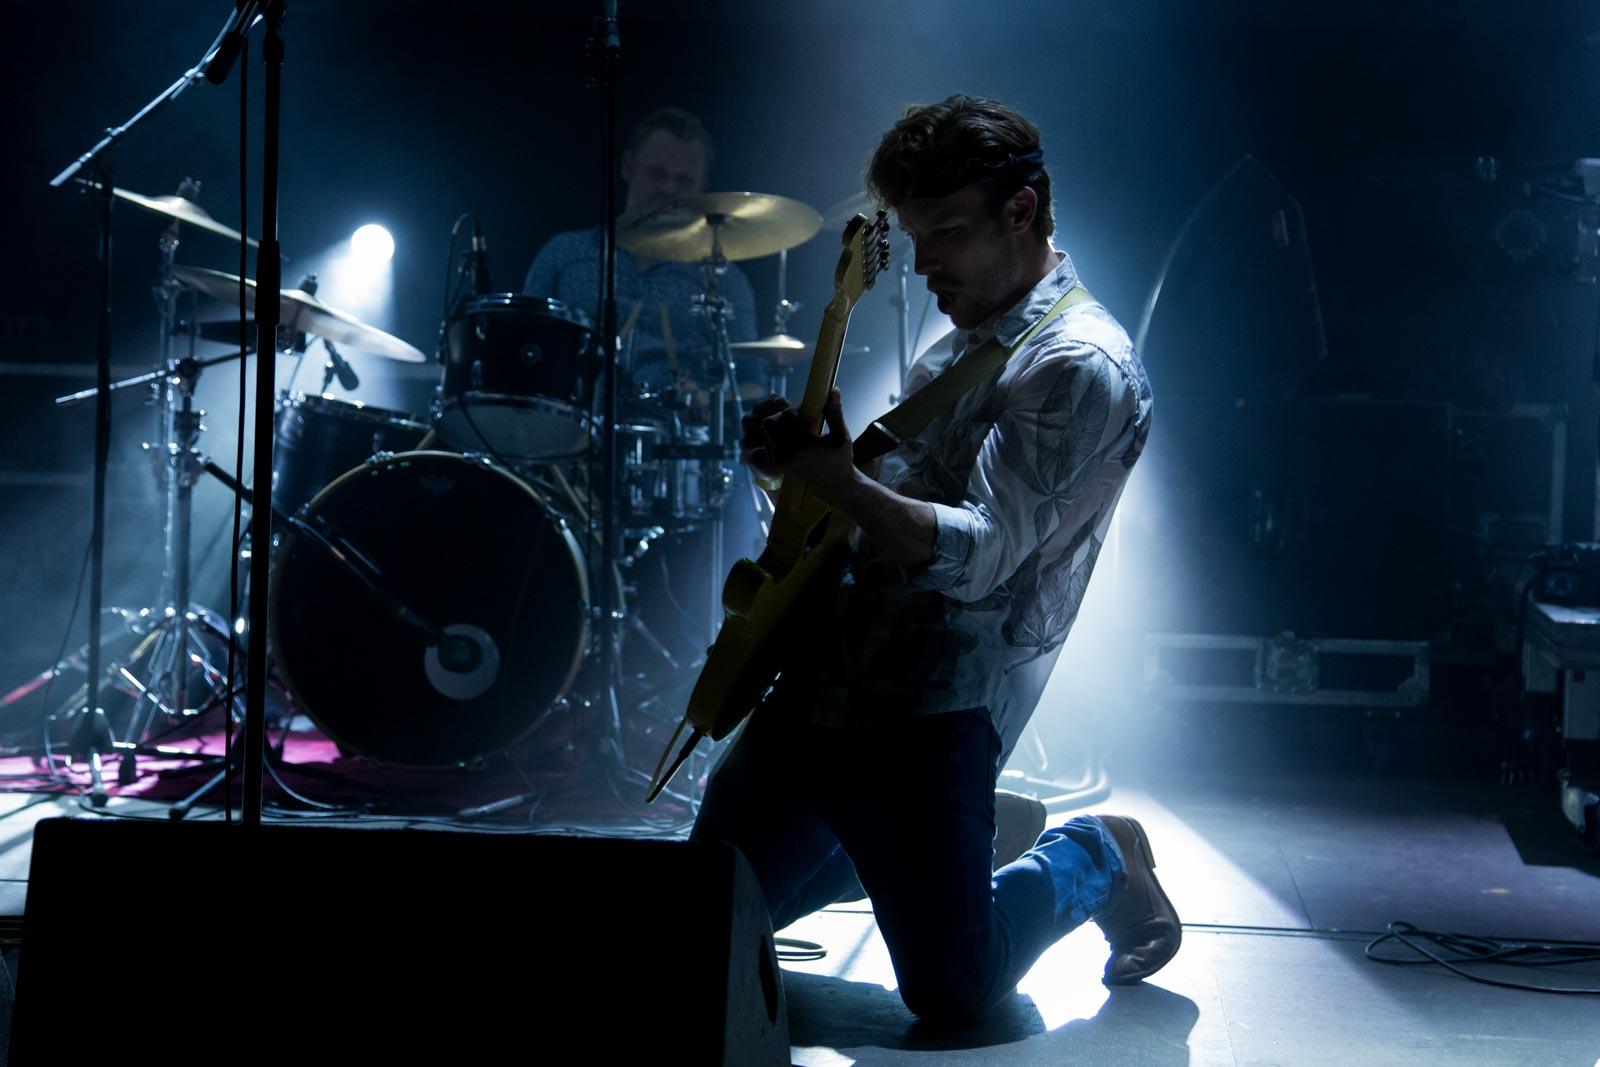 Concertfoto gemaakt door Studiomamma